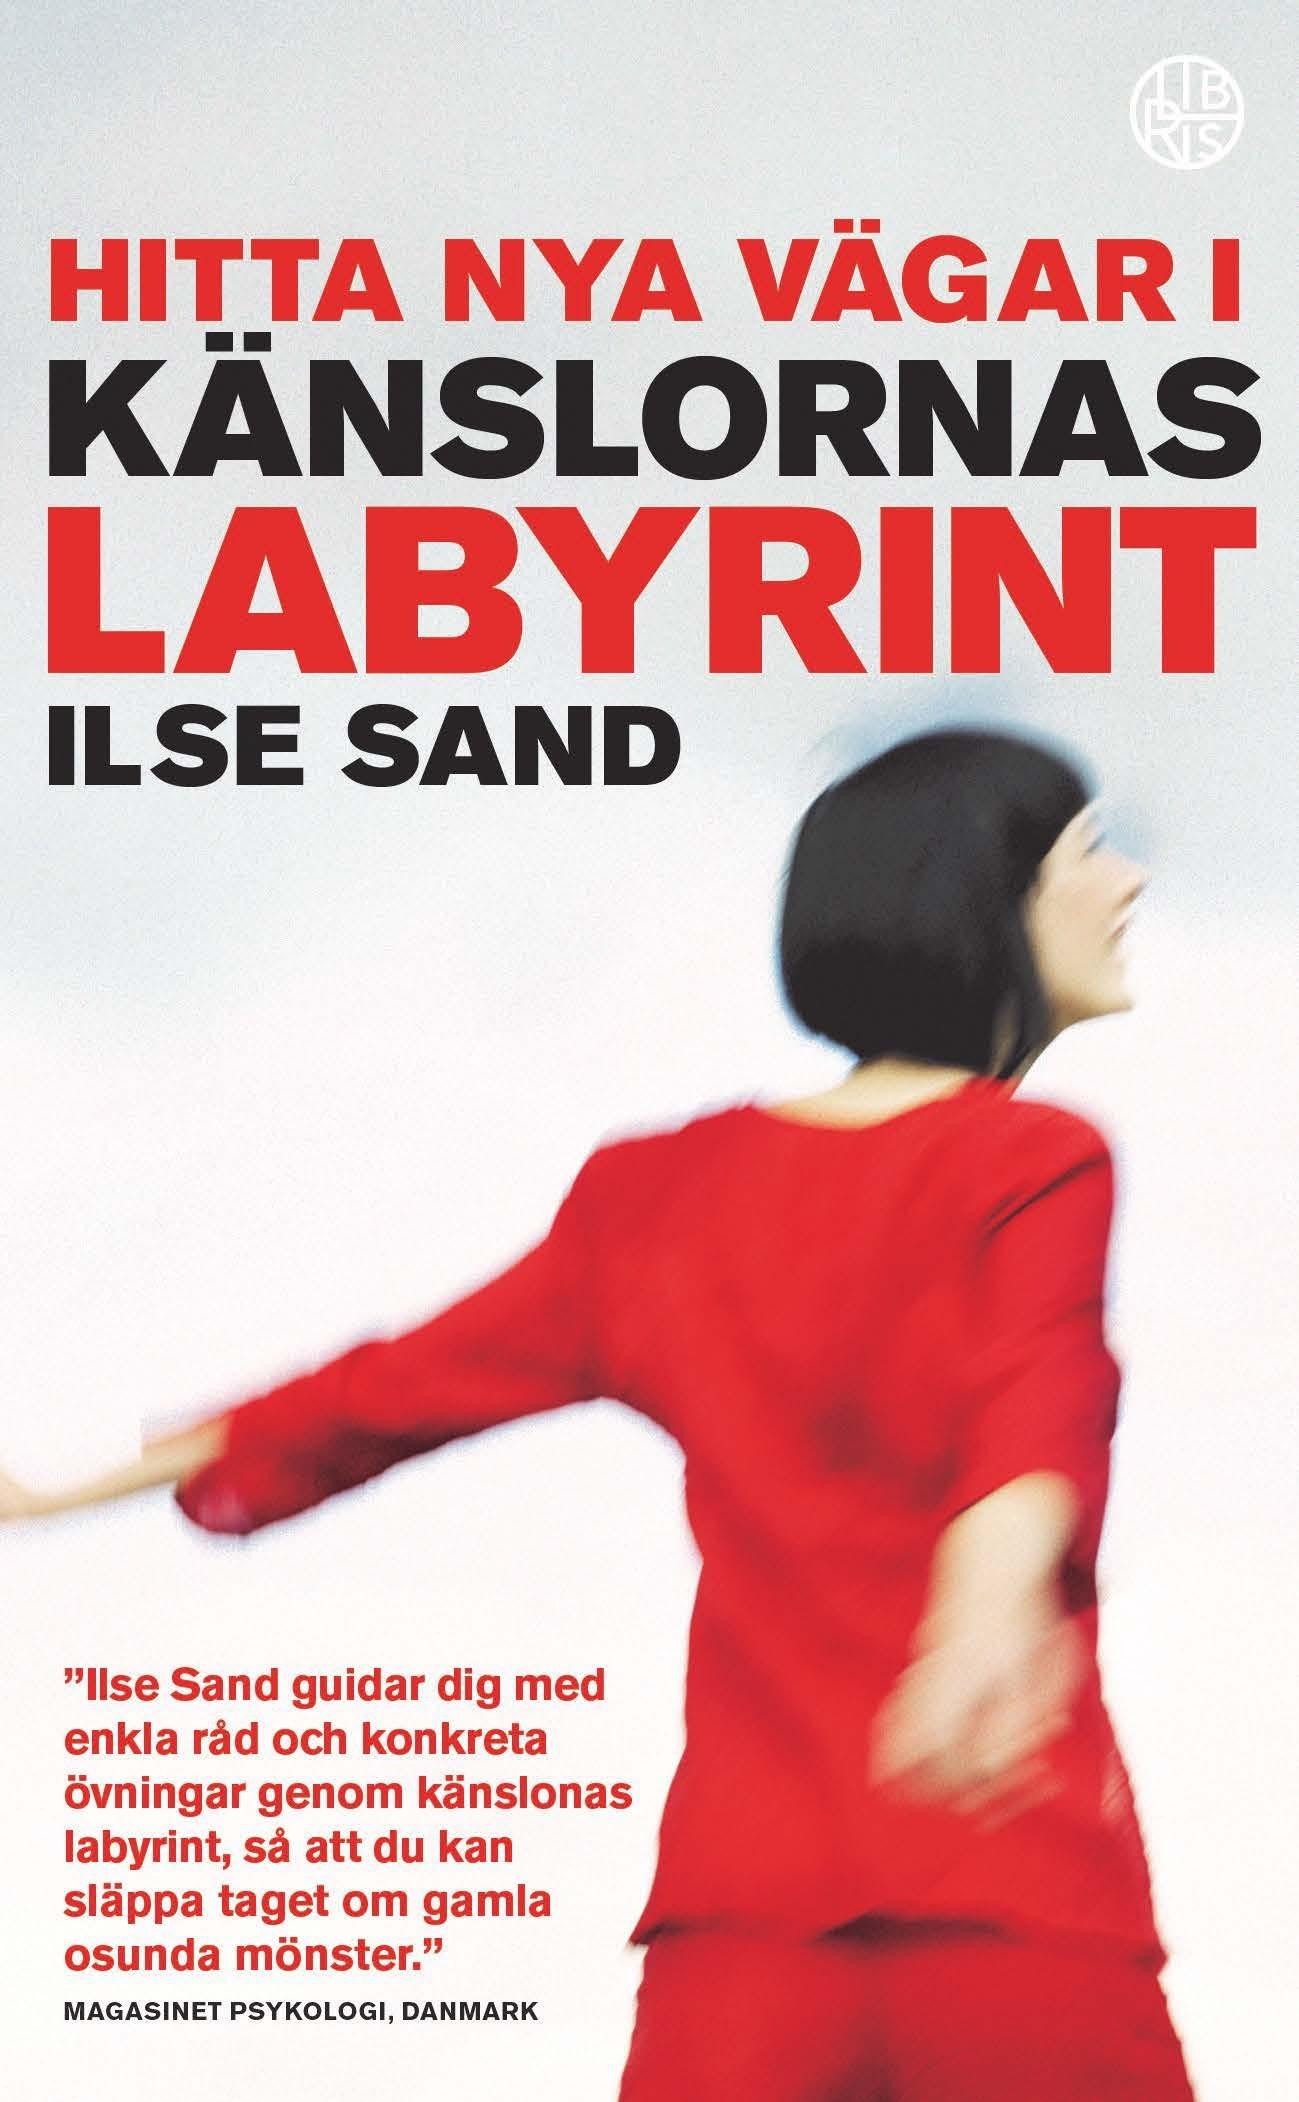 Image for Hitta nya vägar i känslornas labyrint from Suomalainen.com